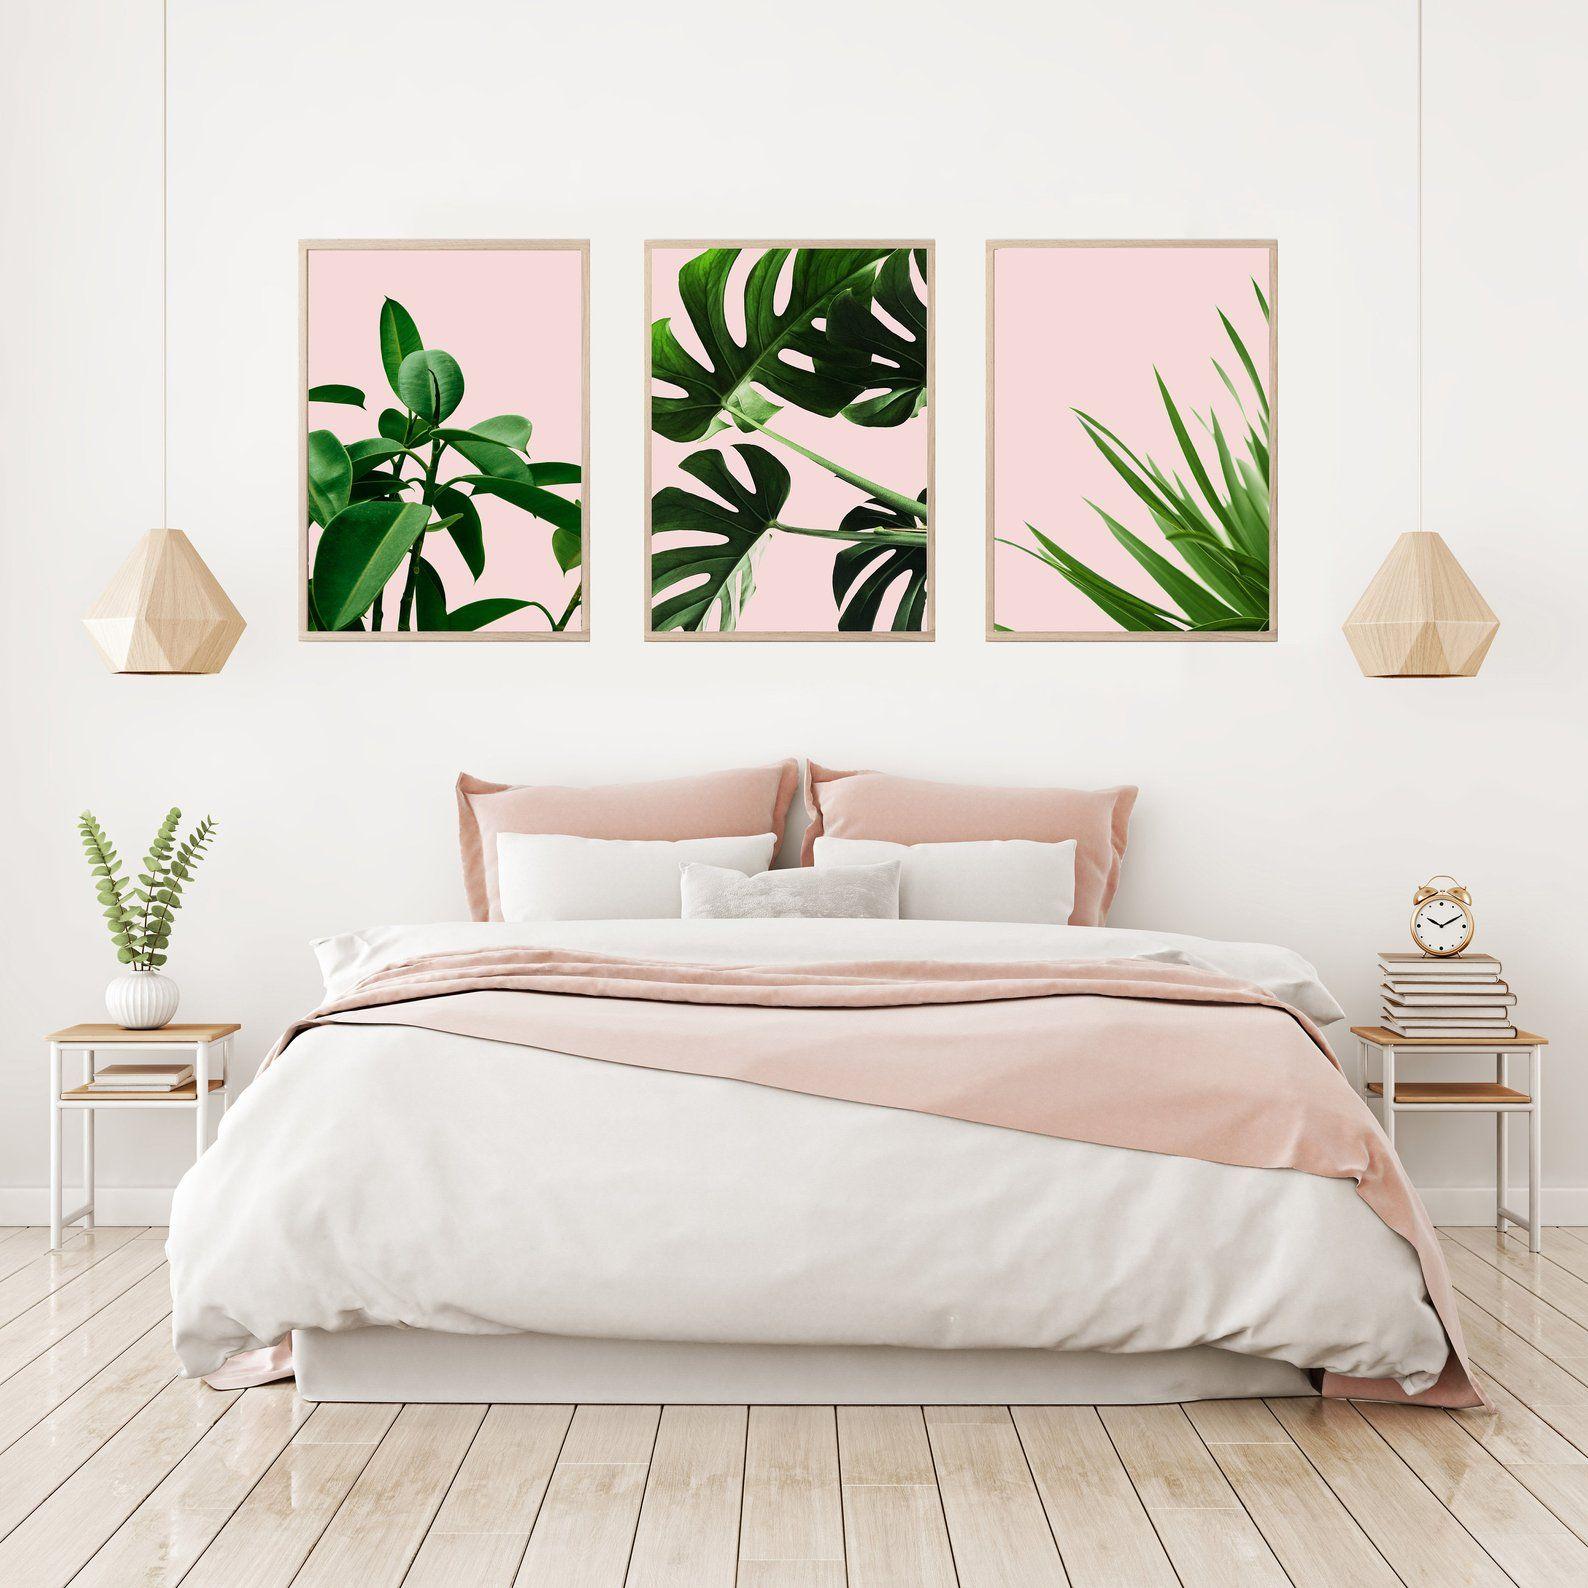 Set Of 3 Prints Monstera Print Green Leaf Set Blush Pink Etsy Home Decor Bedroom Bedroom Decor Bedroom Design Green leaf bedroom ideas